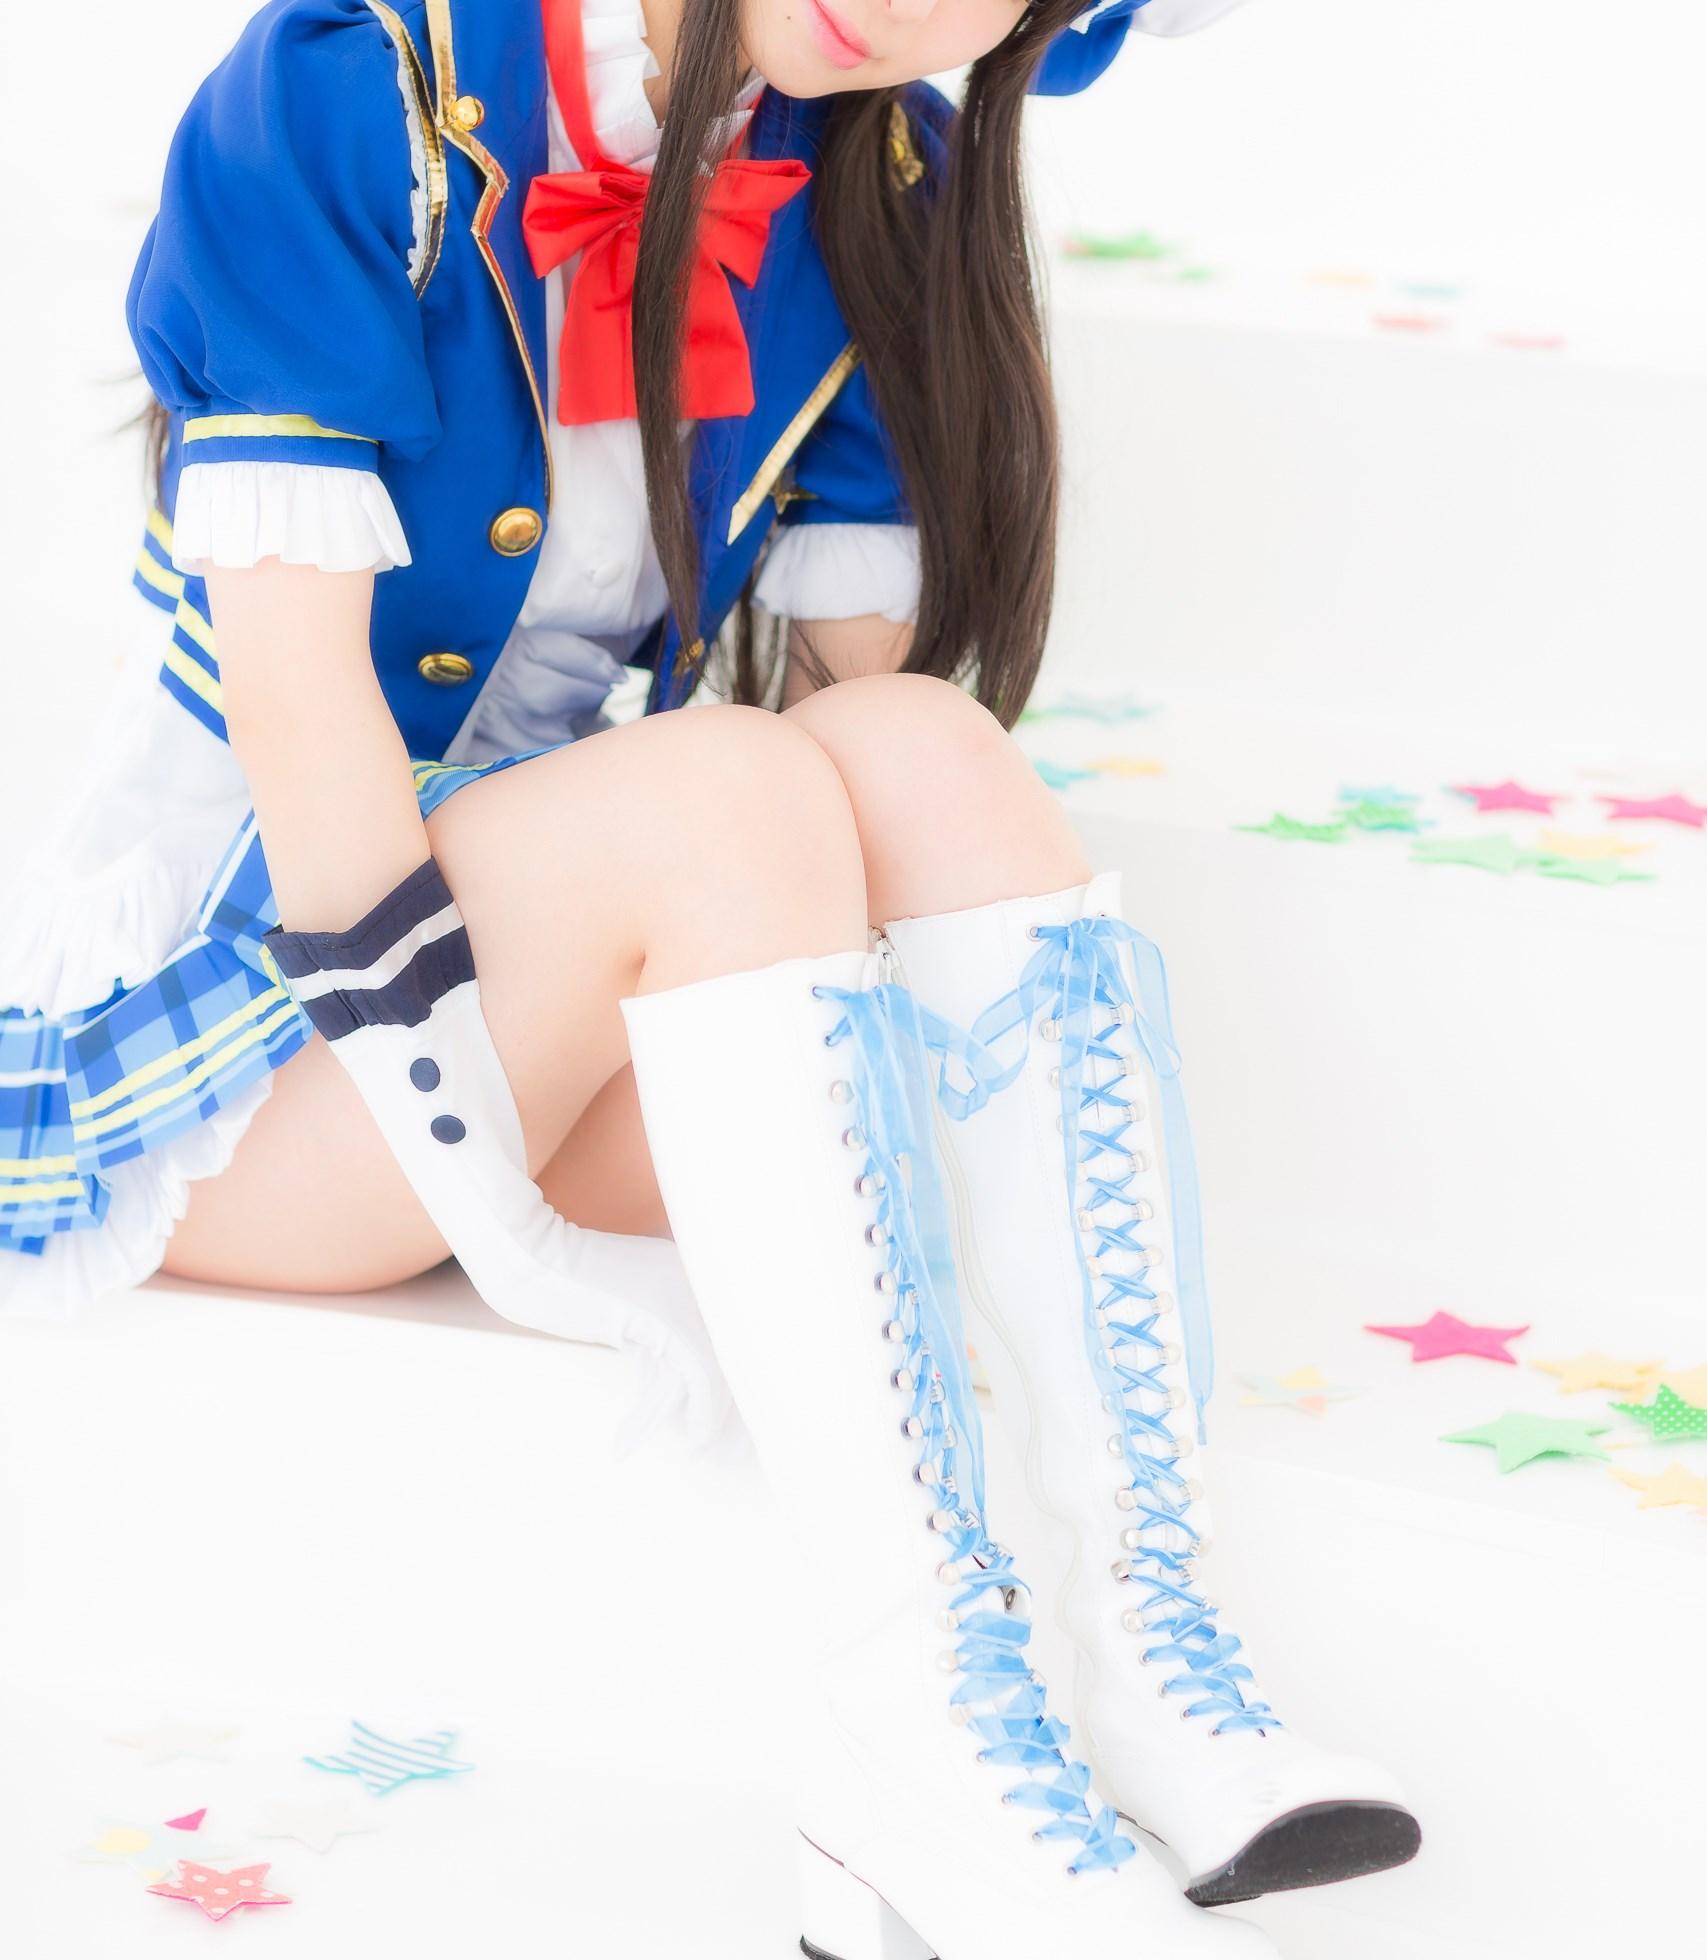 【兔玩映画】少女制服爱豆 兔玩映画 第71张